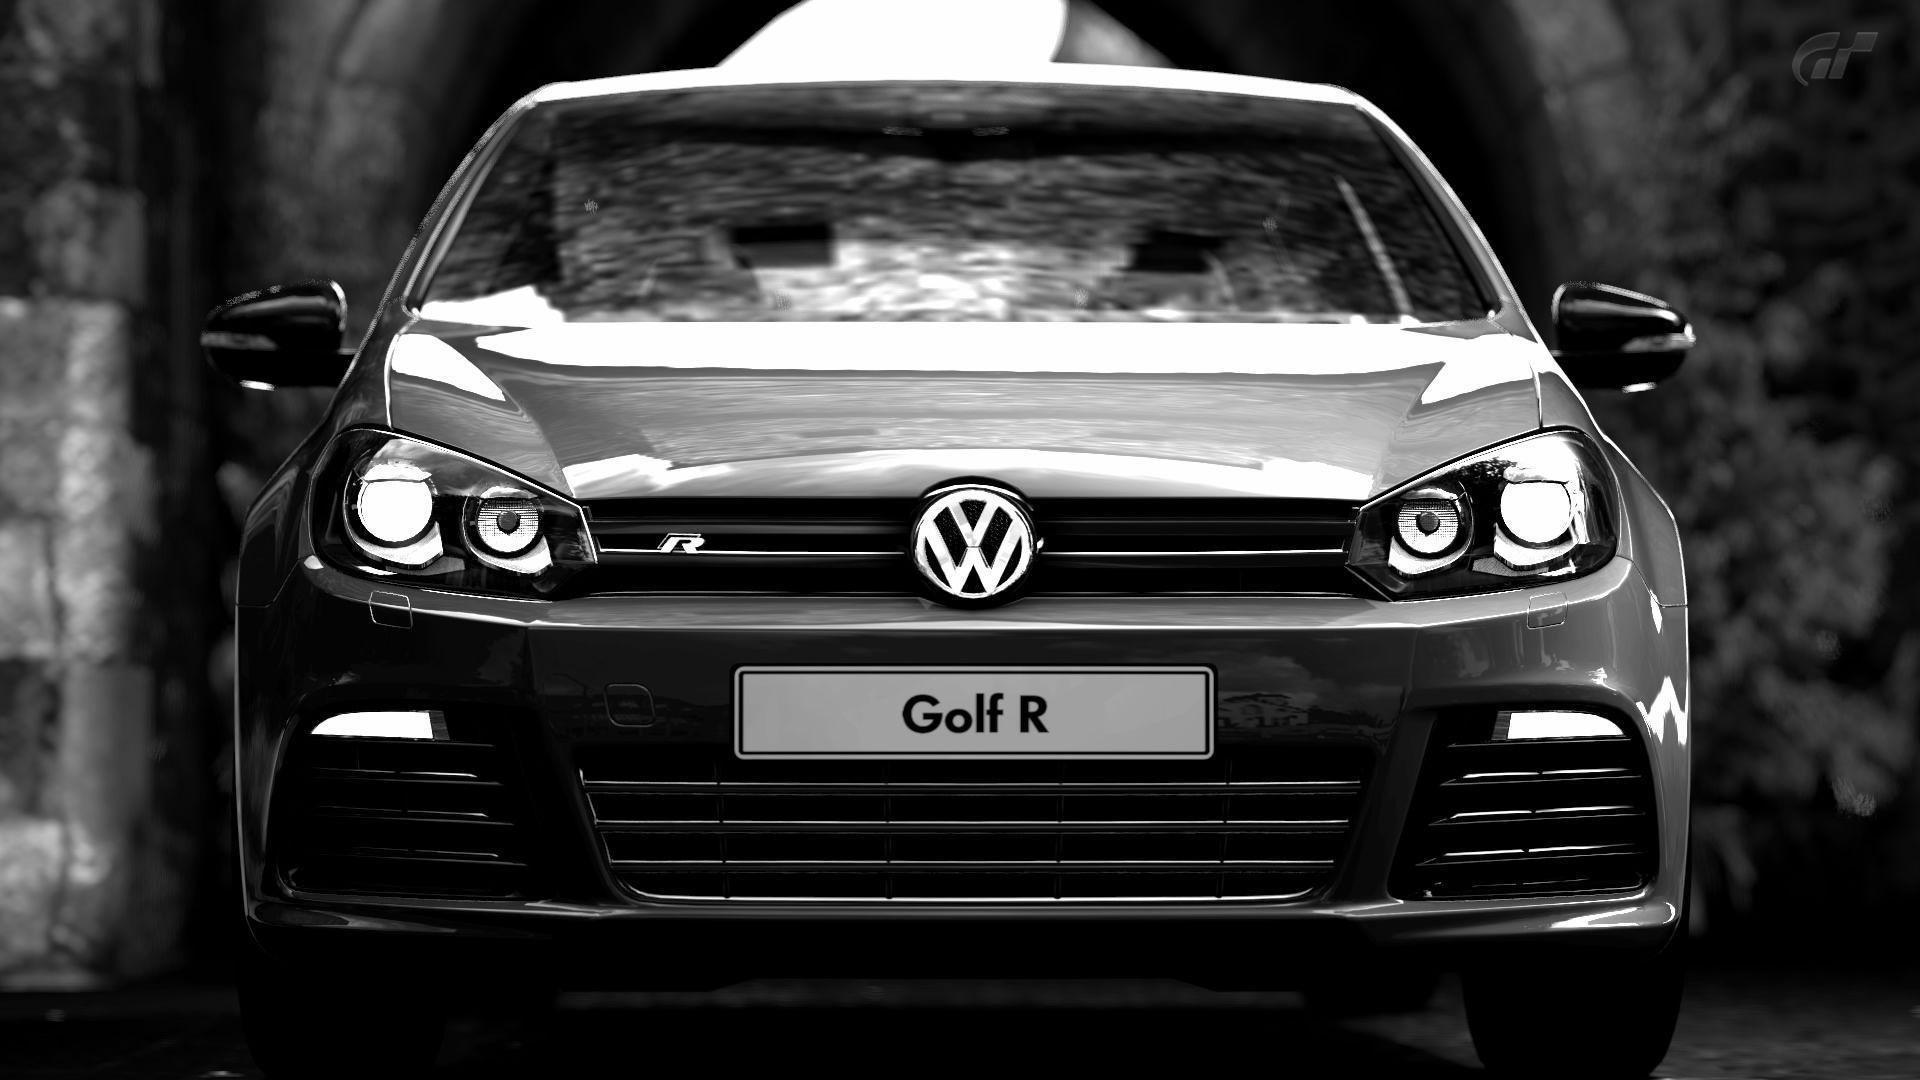 Volkswagen HD Desktop Wallpaper